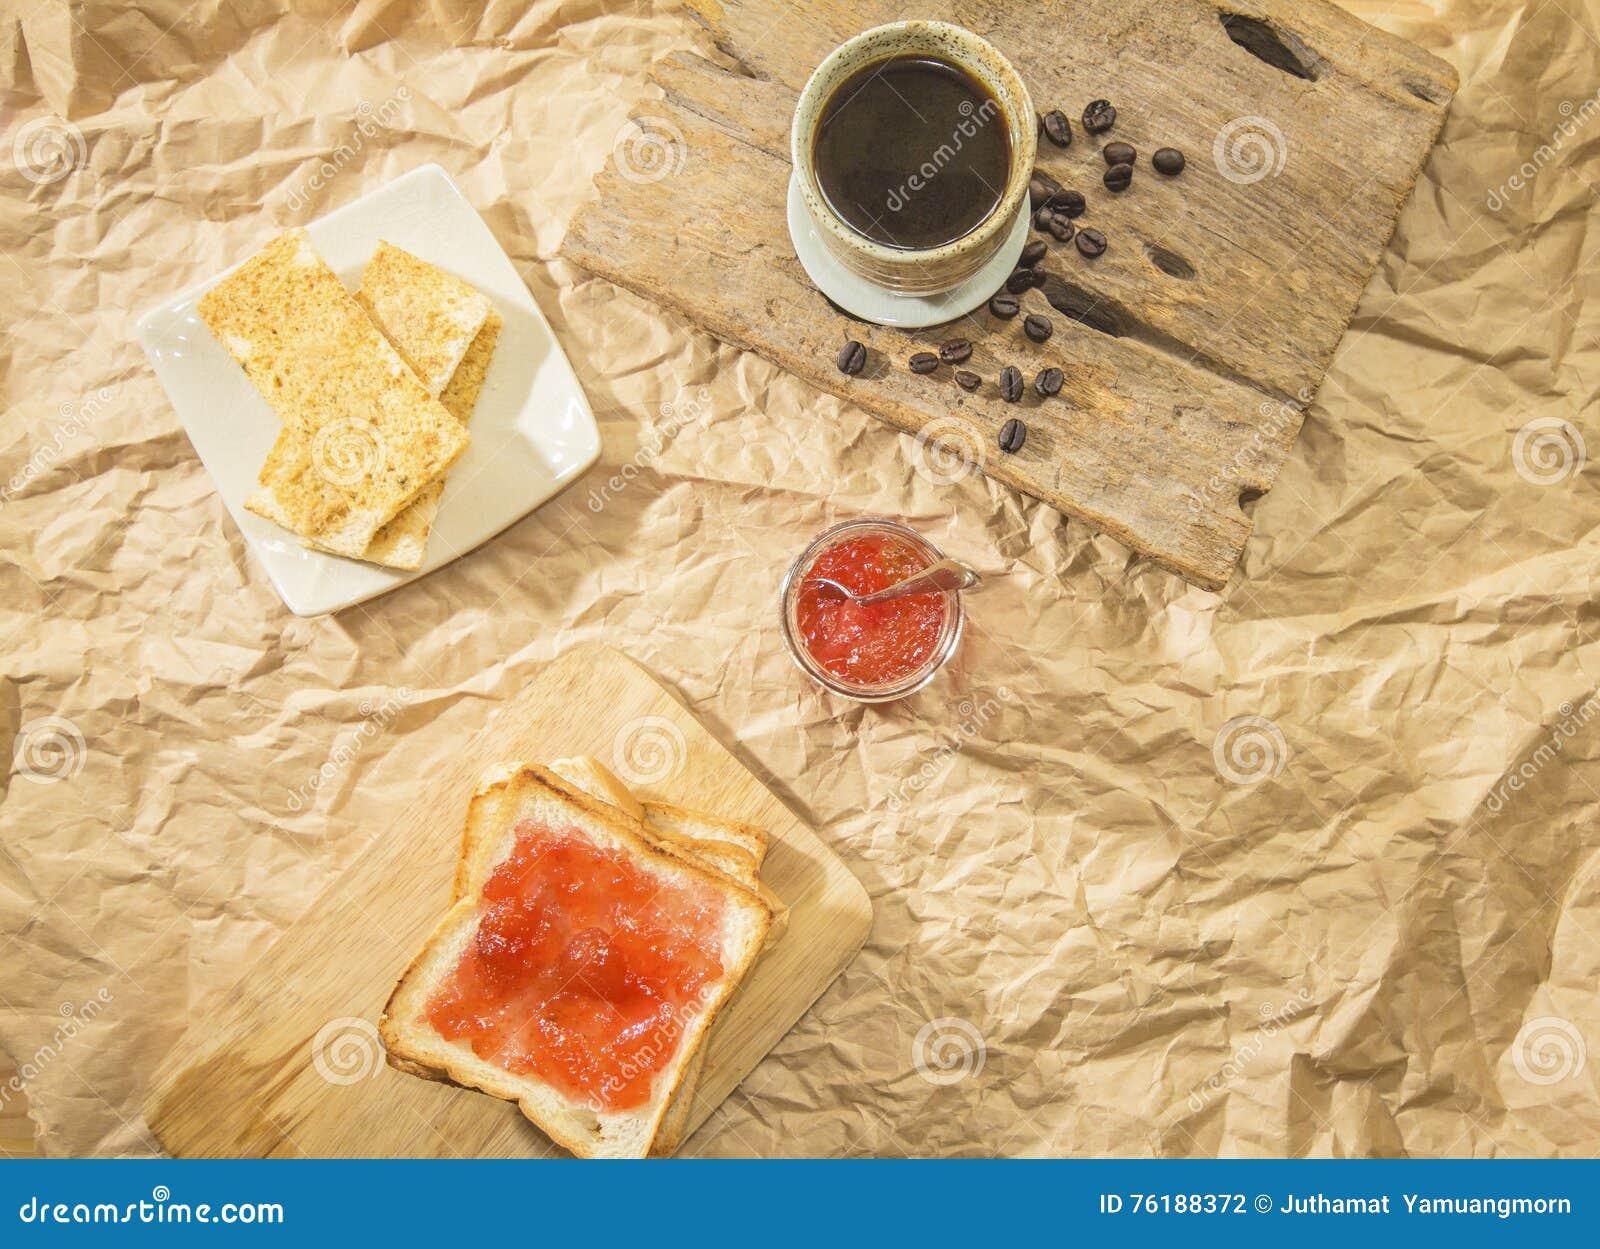 Brood met en eigengemaakte jam binnen op houten lijst, close-up